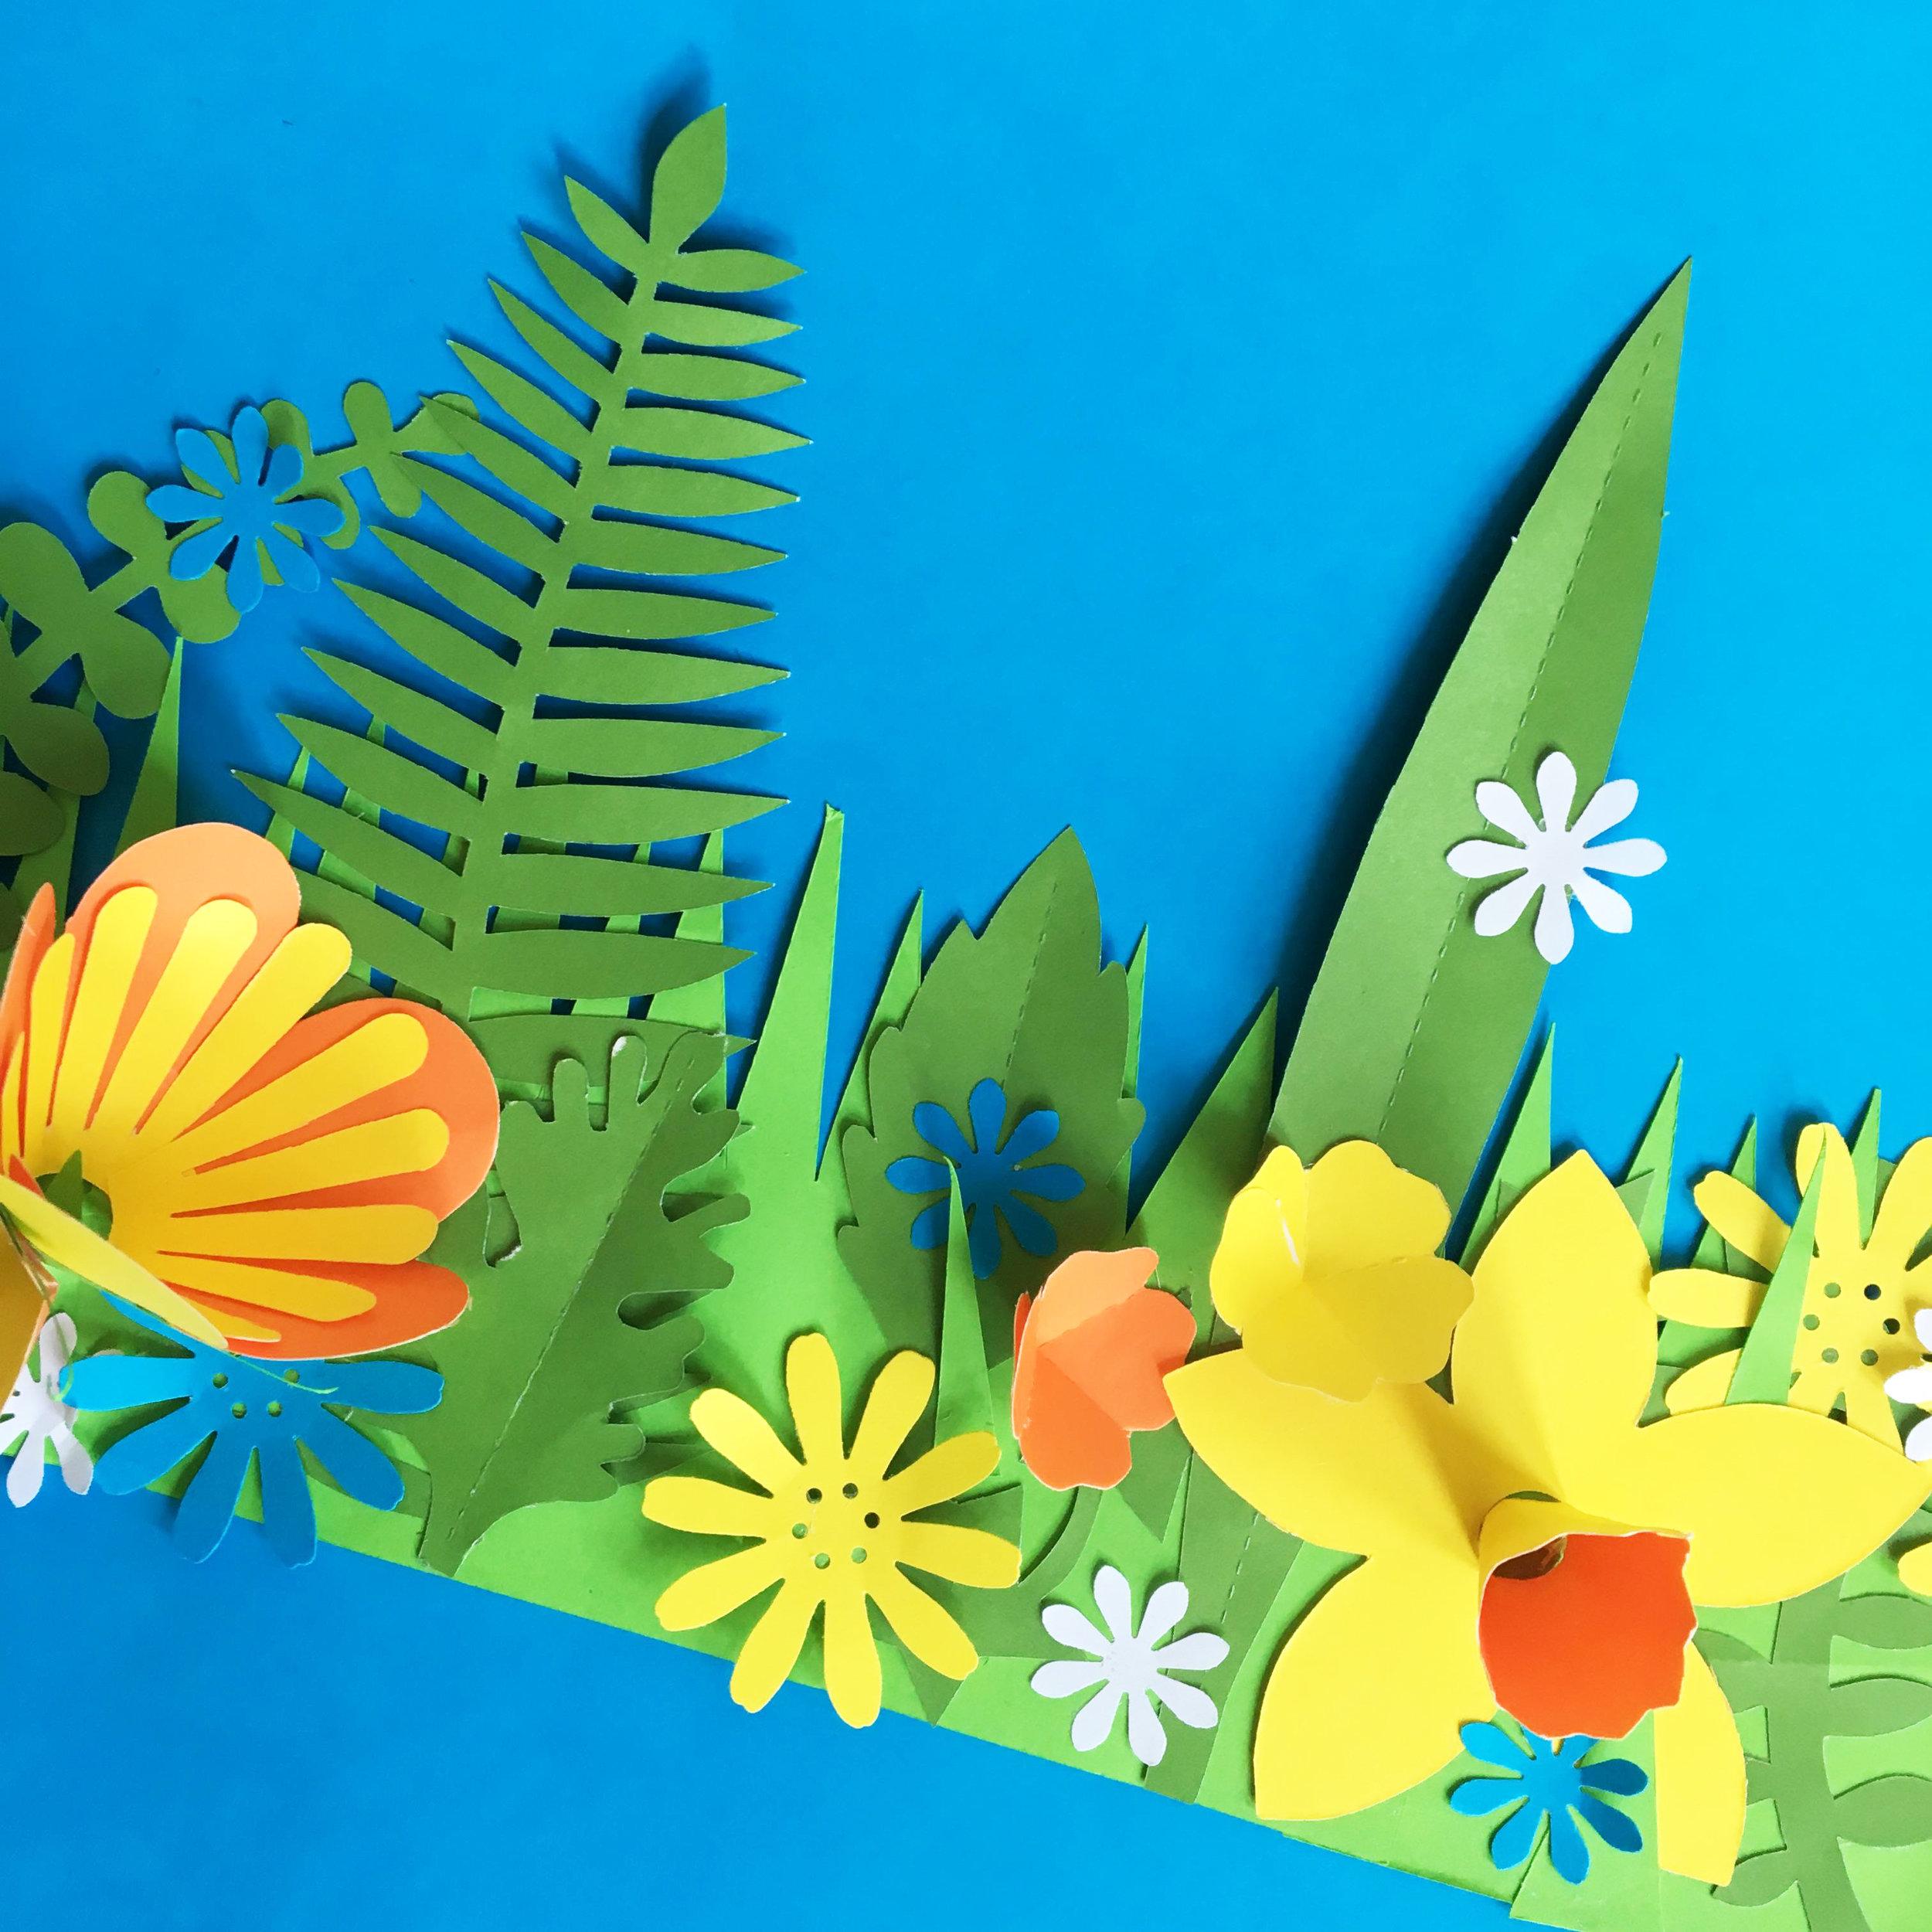 Easter_Bonnet_2.jpg